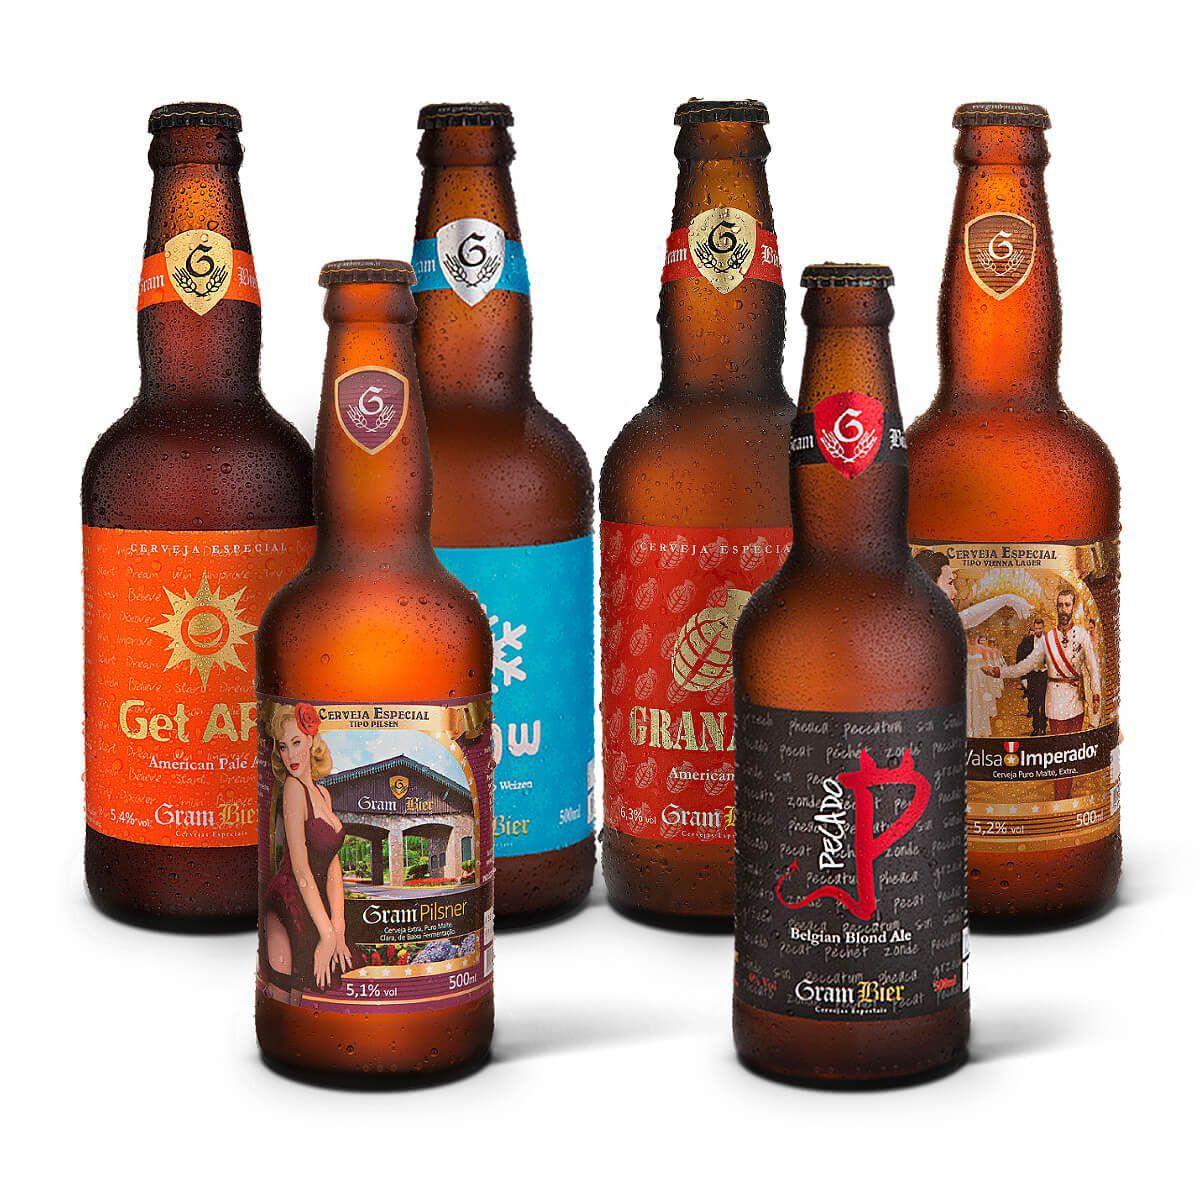 Kit degustação Gram Bier 6 cervejas